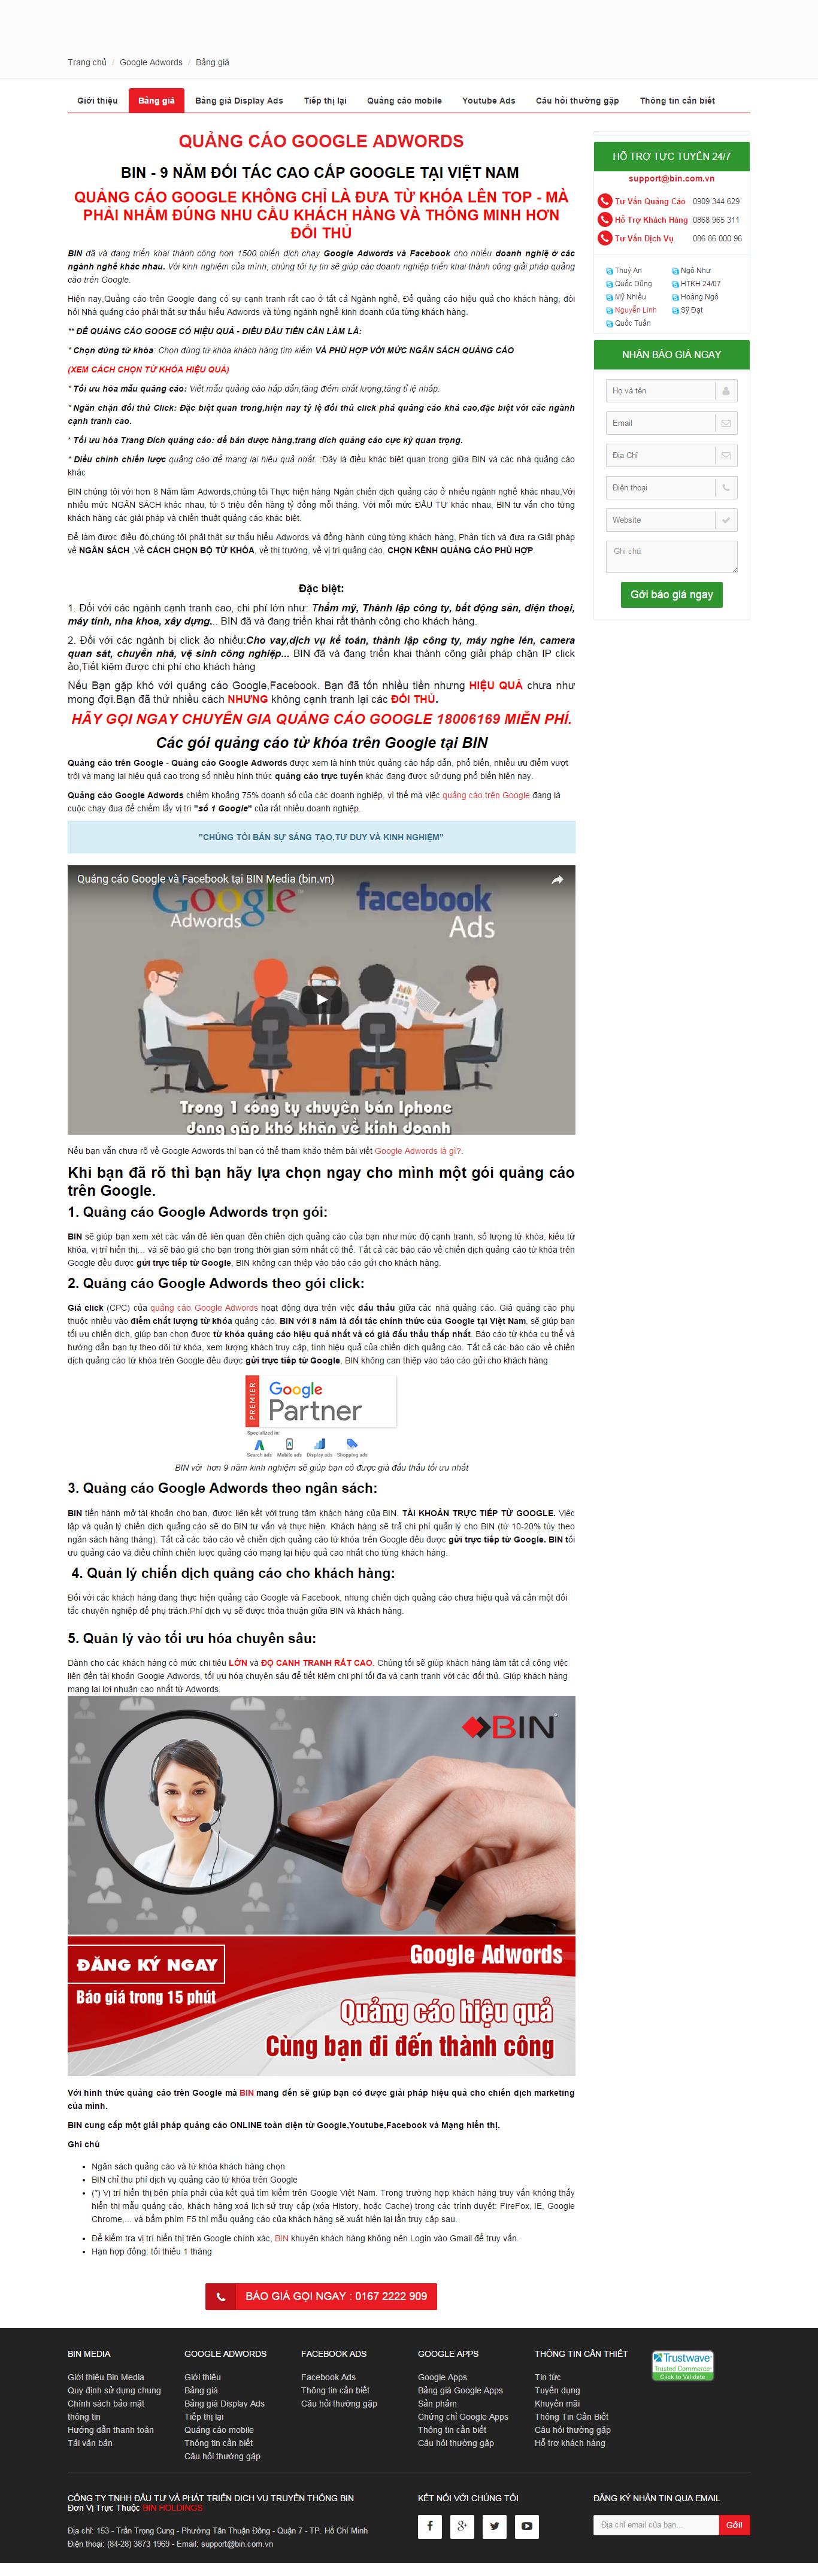 Thiết kế website quảng cáo google adwords chuyên nghiệp của Bin Holdings